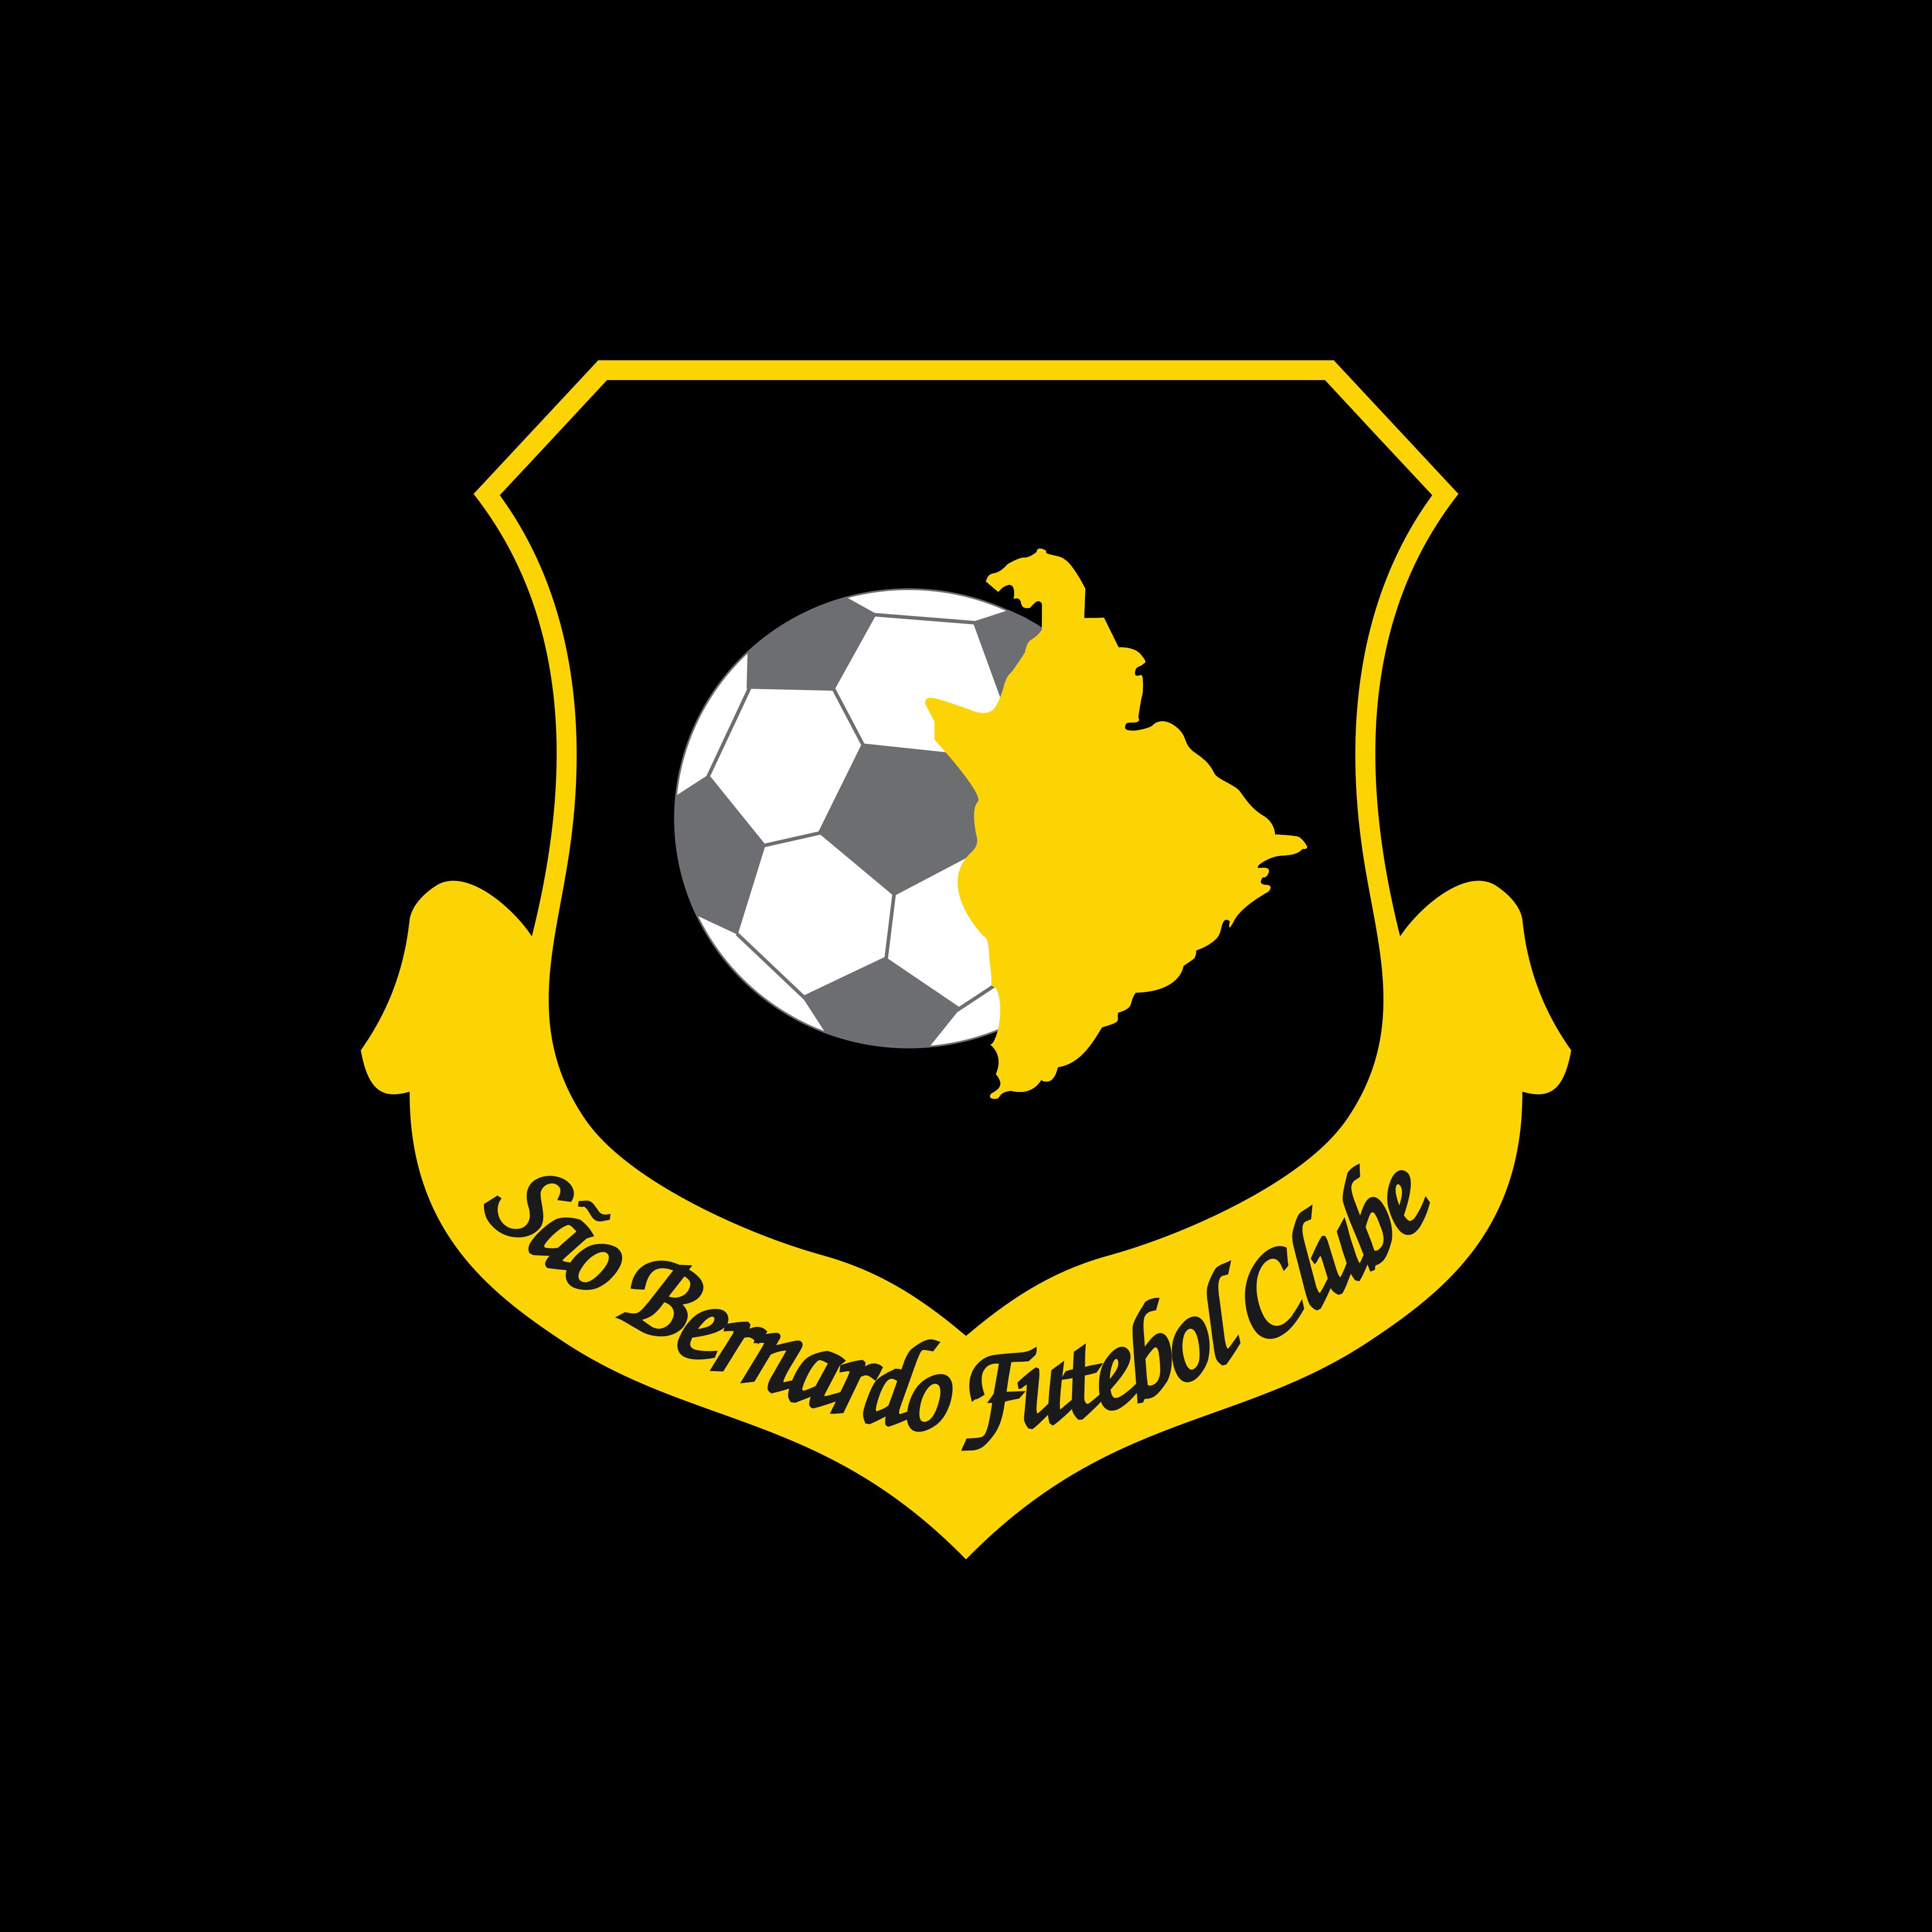 sao bernardo fc logo 0 - São Bernardo FC Logo